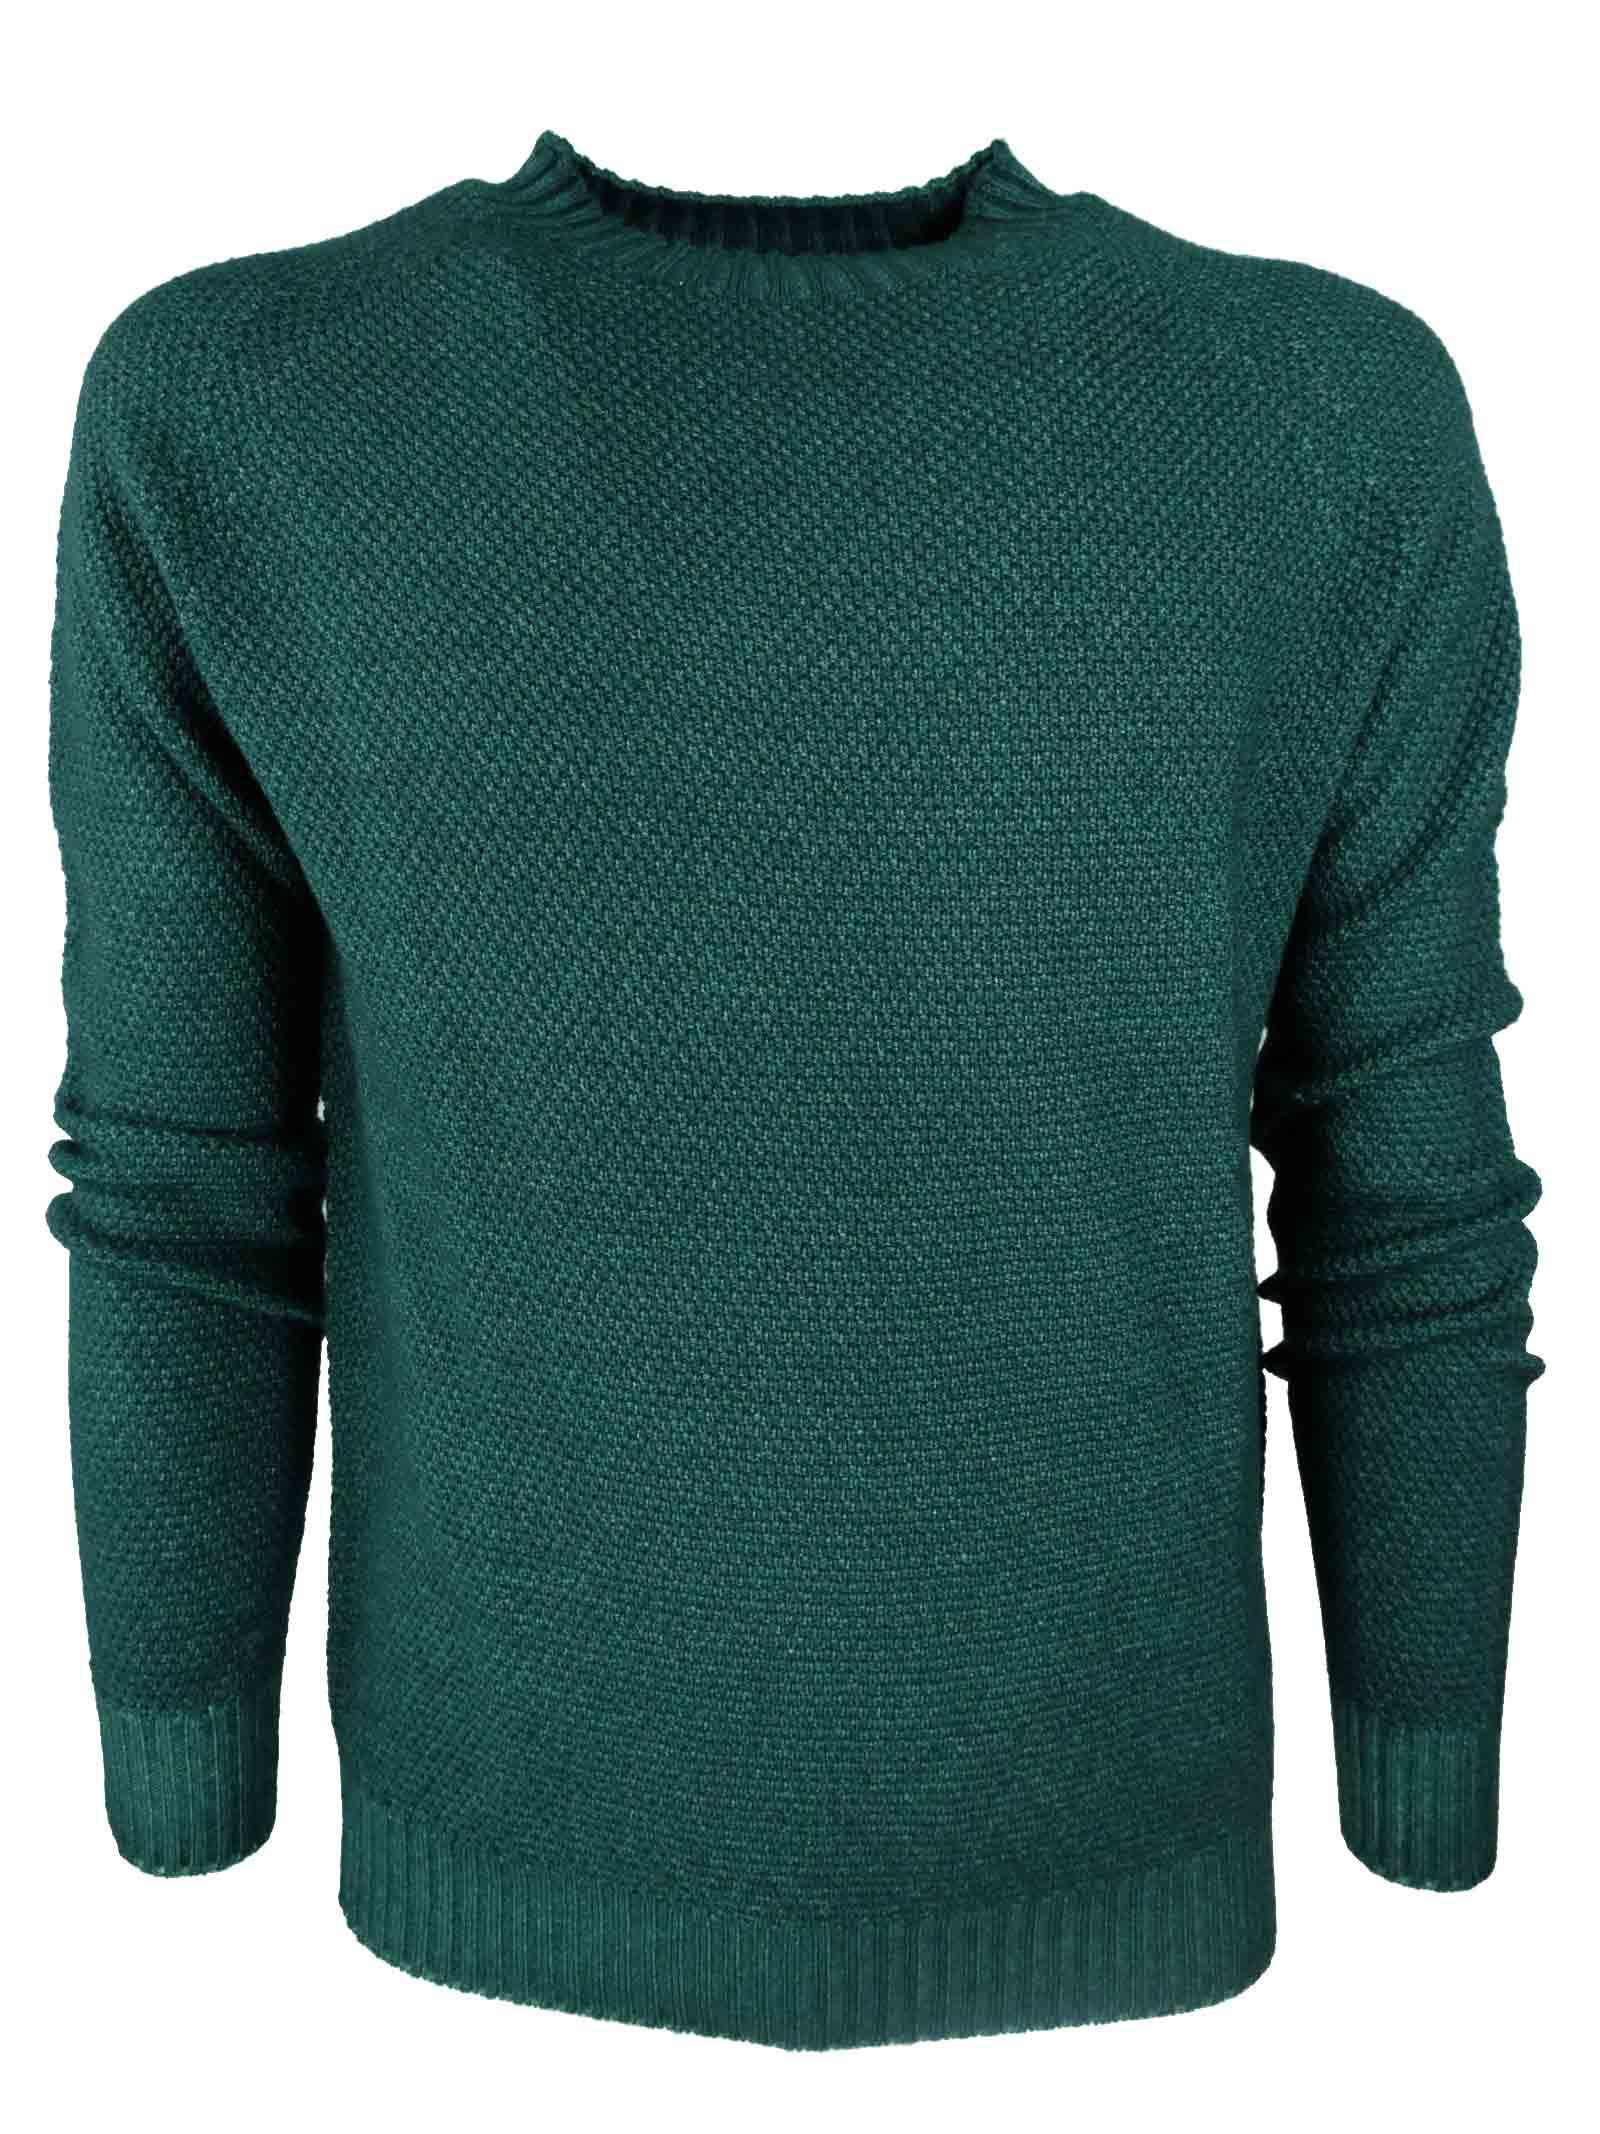 H953 | Knitwear | 294025